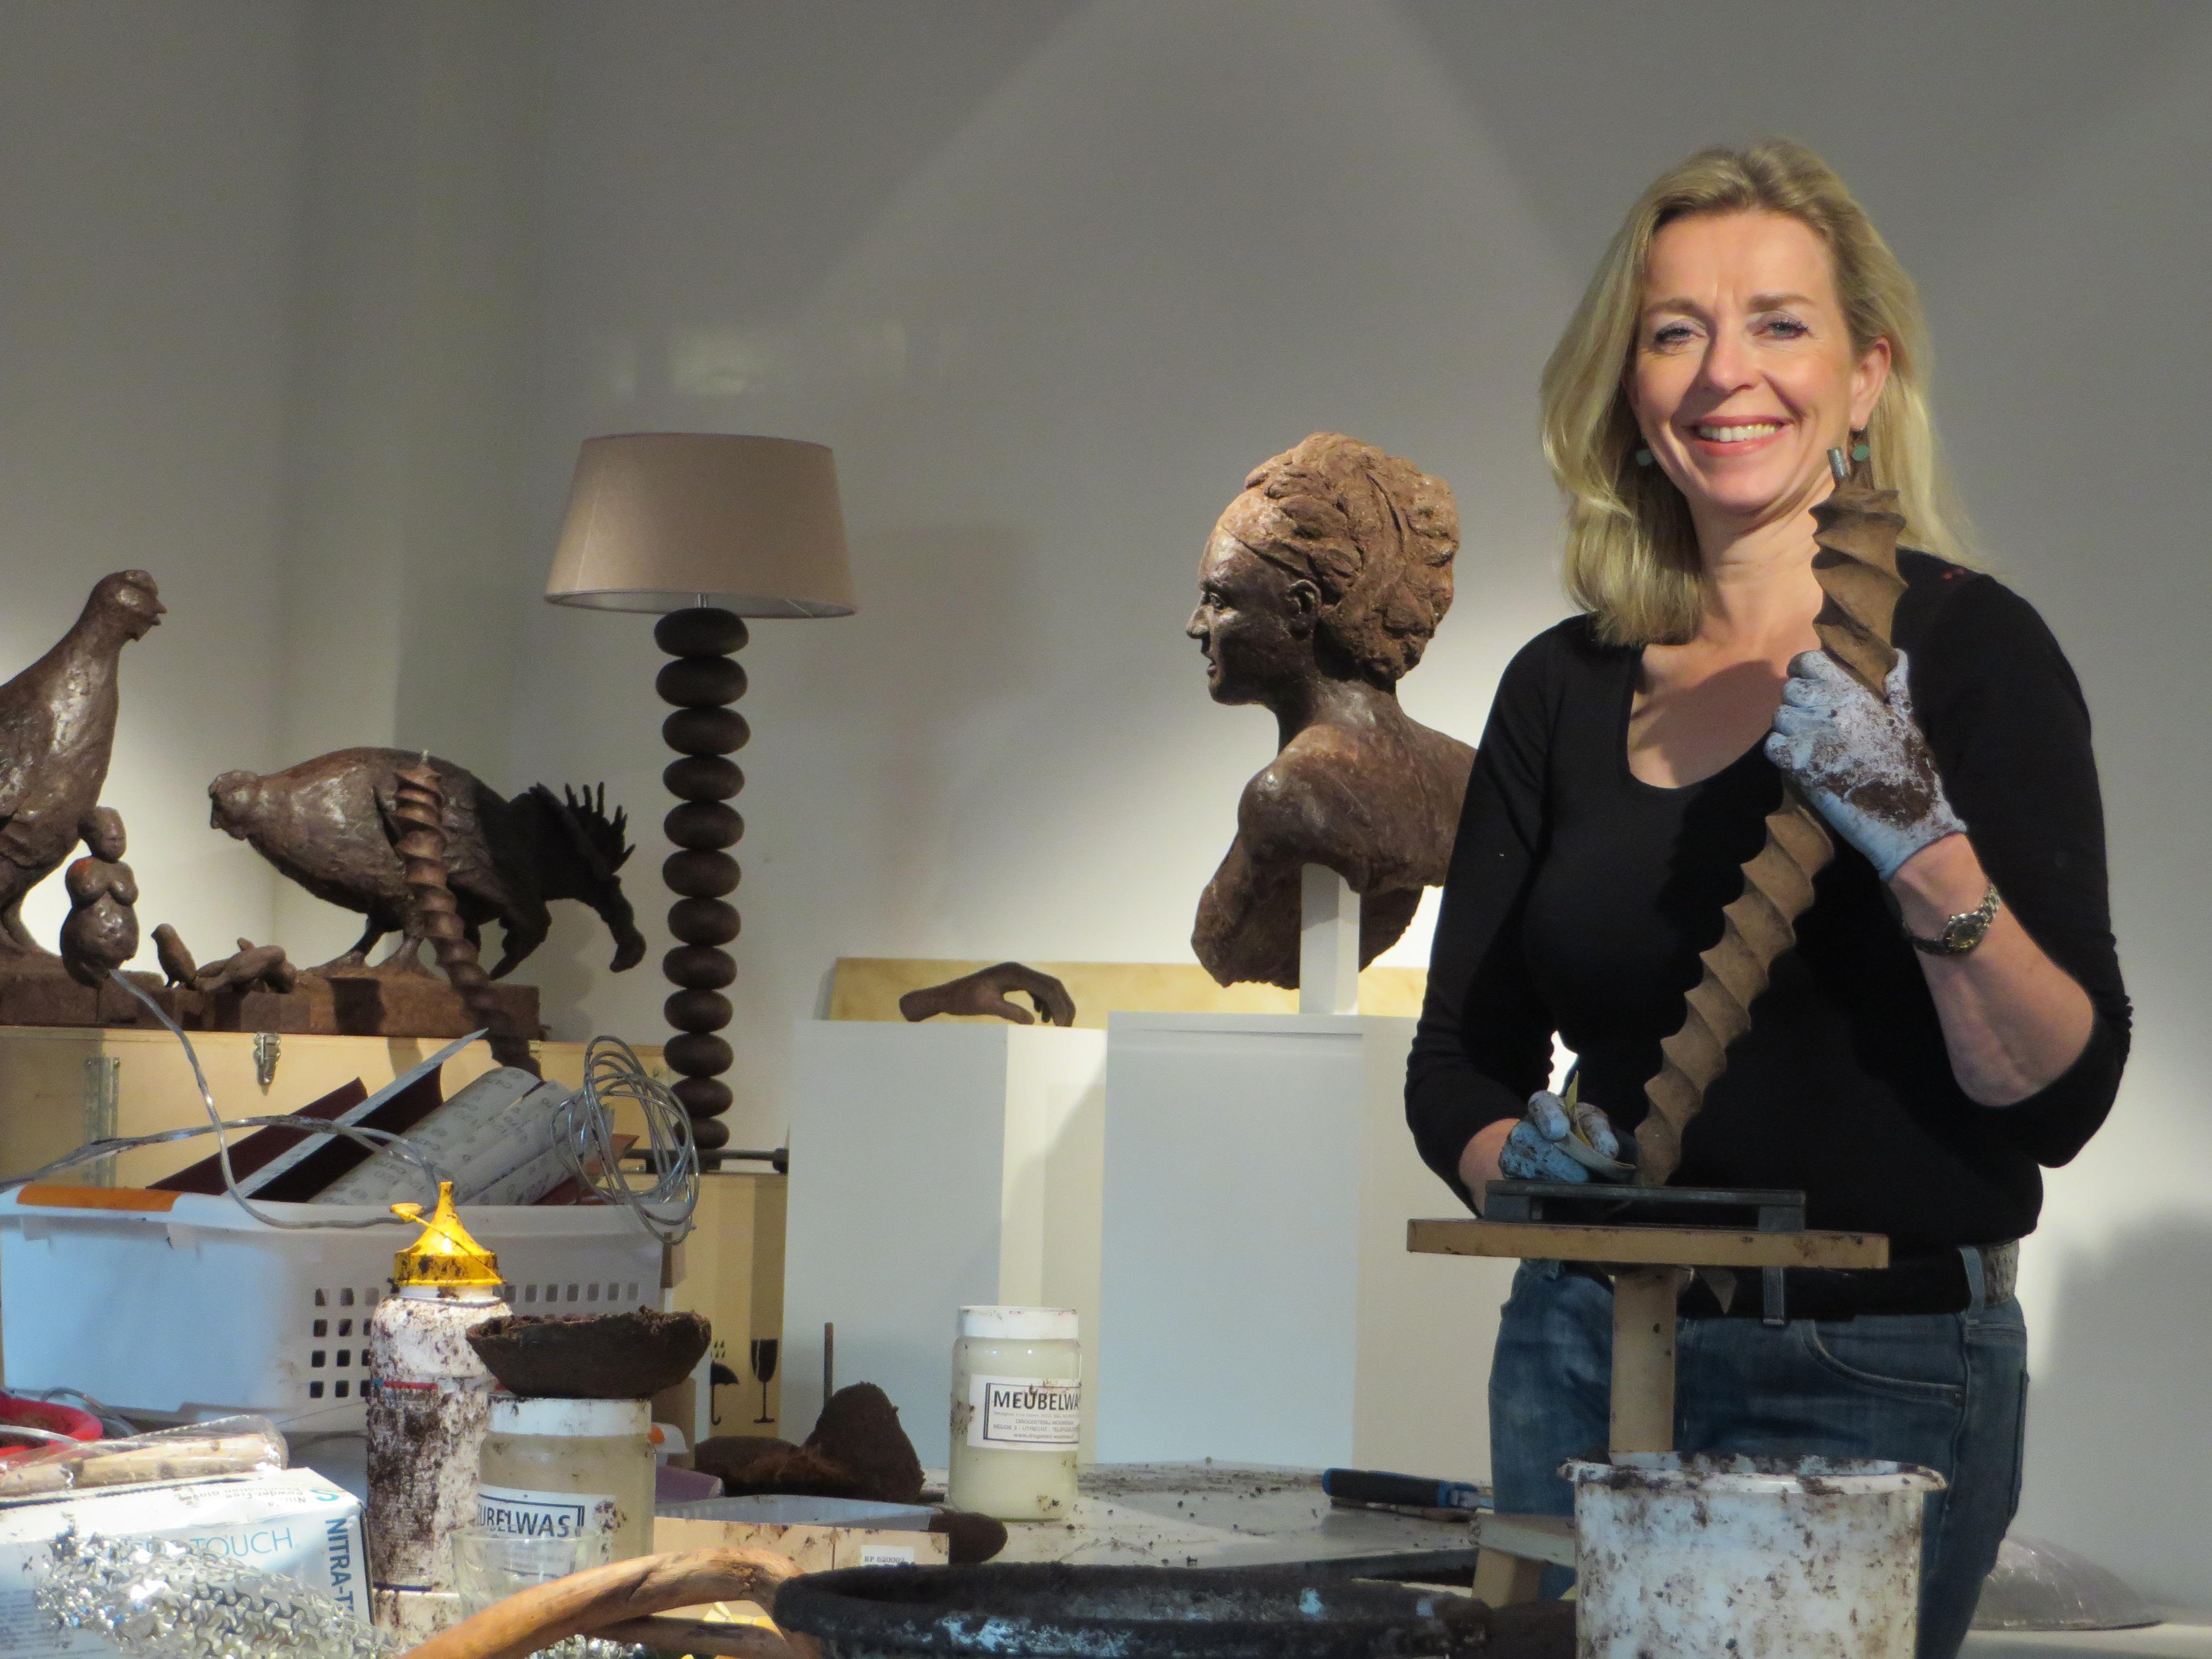 Historisch museum Van Hemessen in Woubrugge viert nieuwe opening met expositie over turf